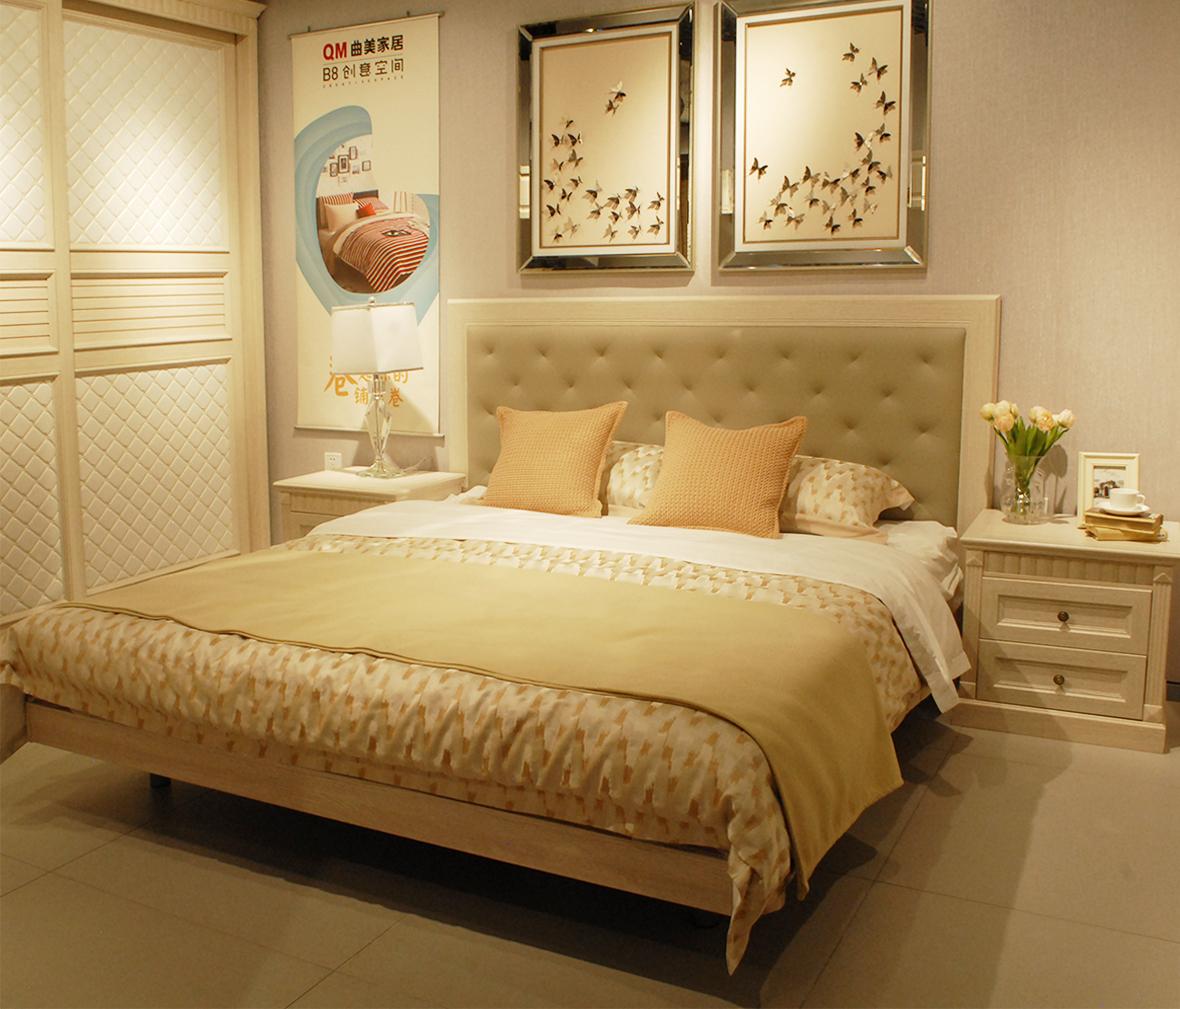 欧式床头柜 实木颗粒板图片